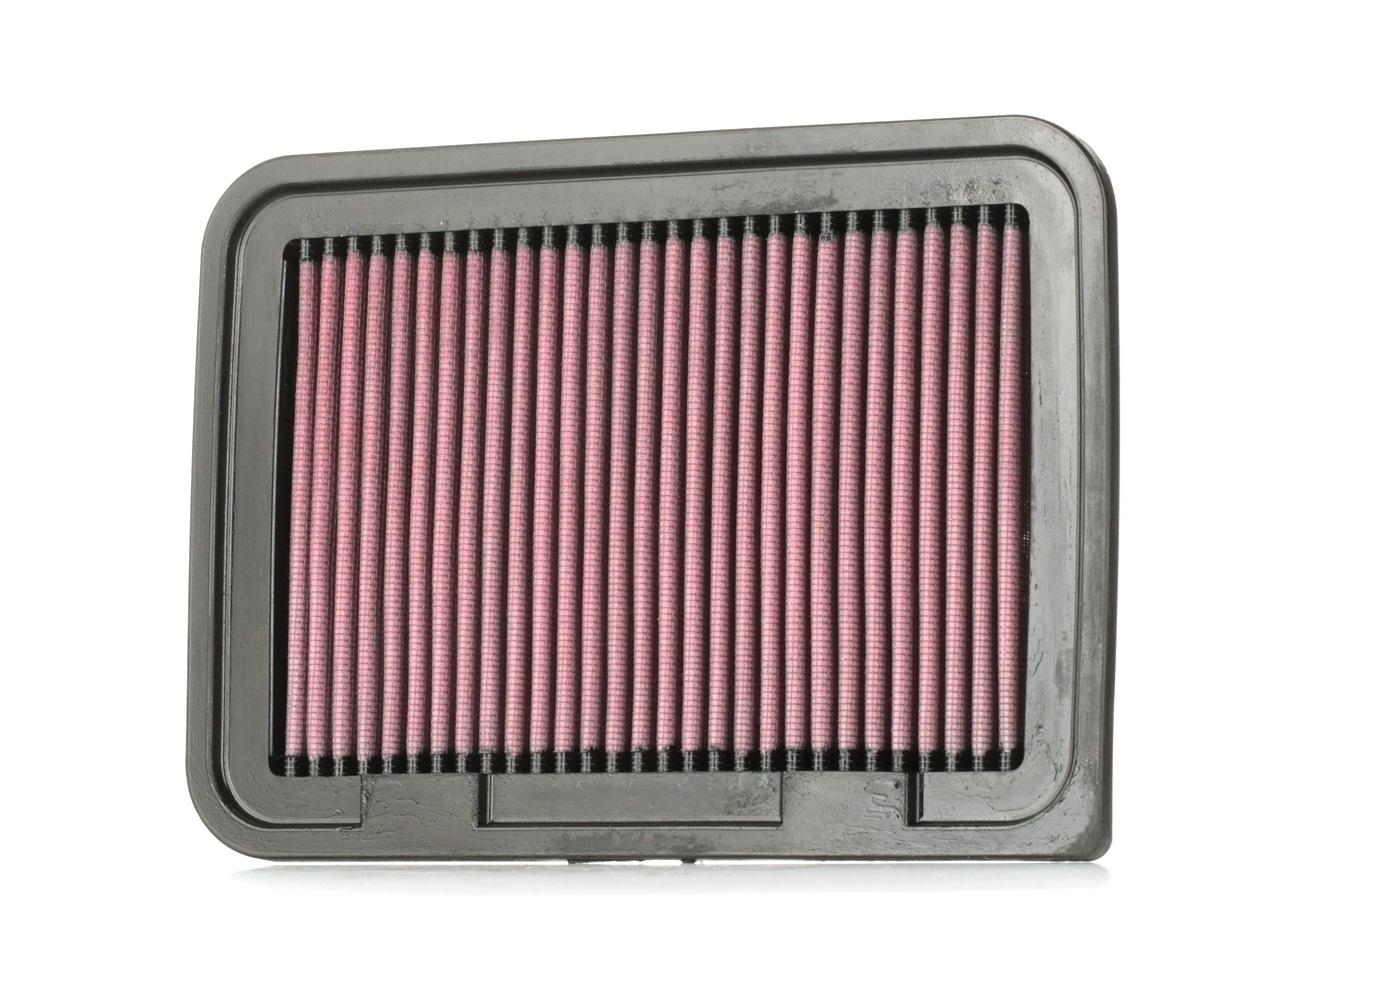 Reservdelar TOYOTA VERSO 2013: Luftfilter K&N Filters 33-2360 till rabatterat pris — köp nu!